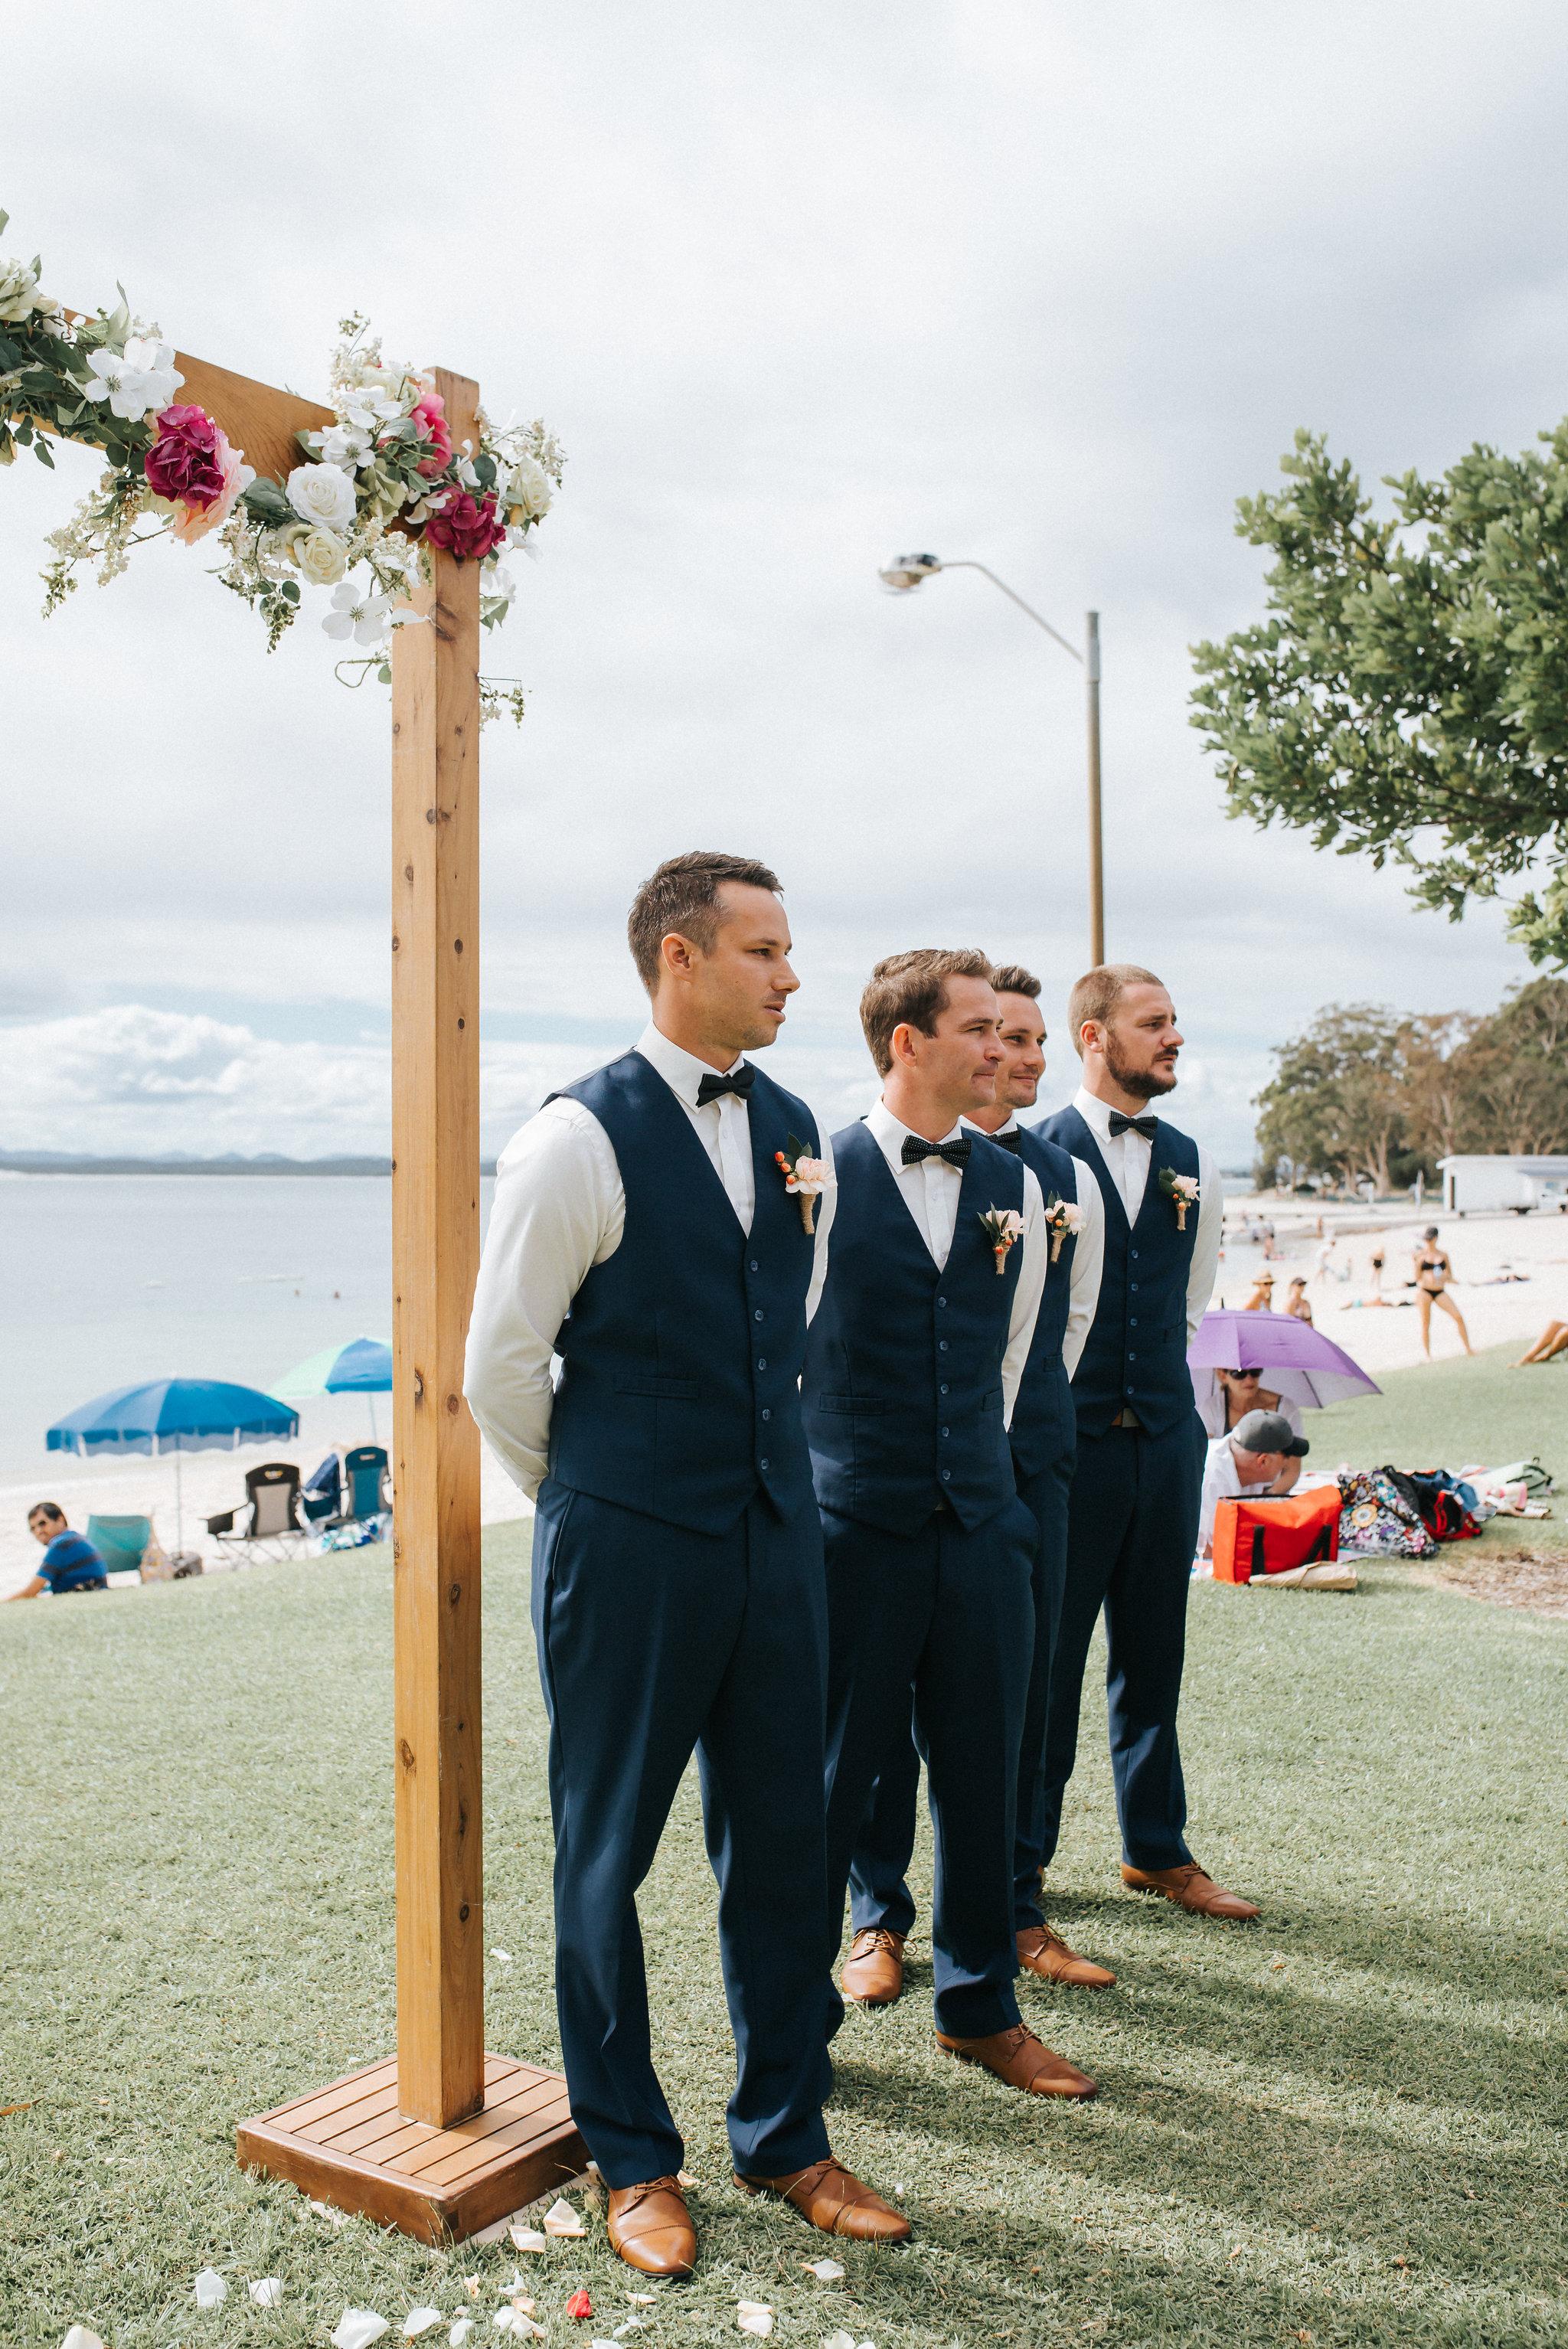 LITTLE-BEACH-WEDDING-MARCHANT-366.jpg